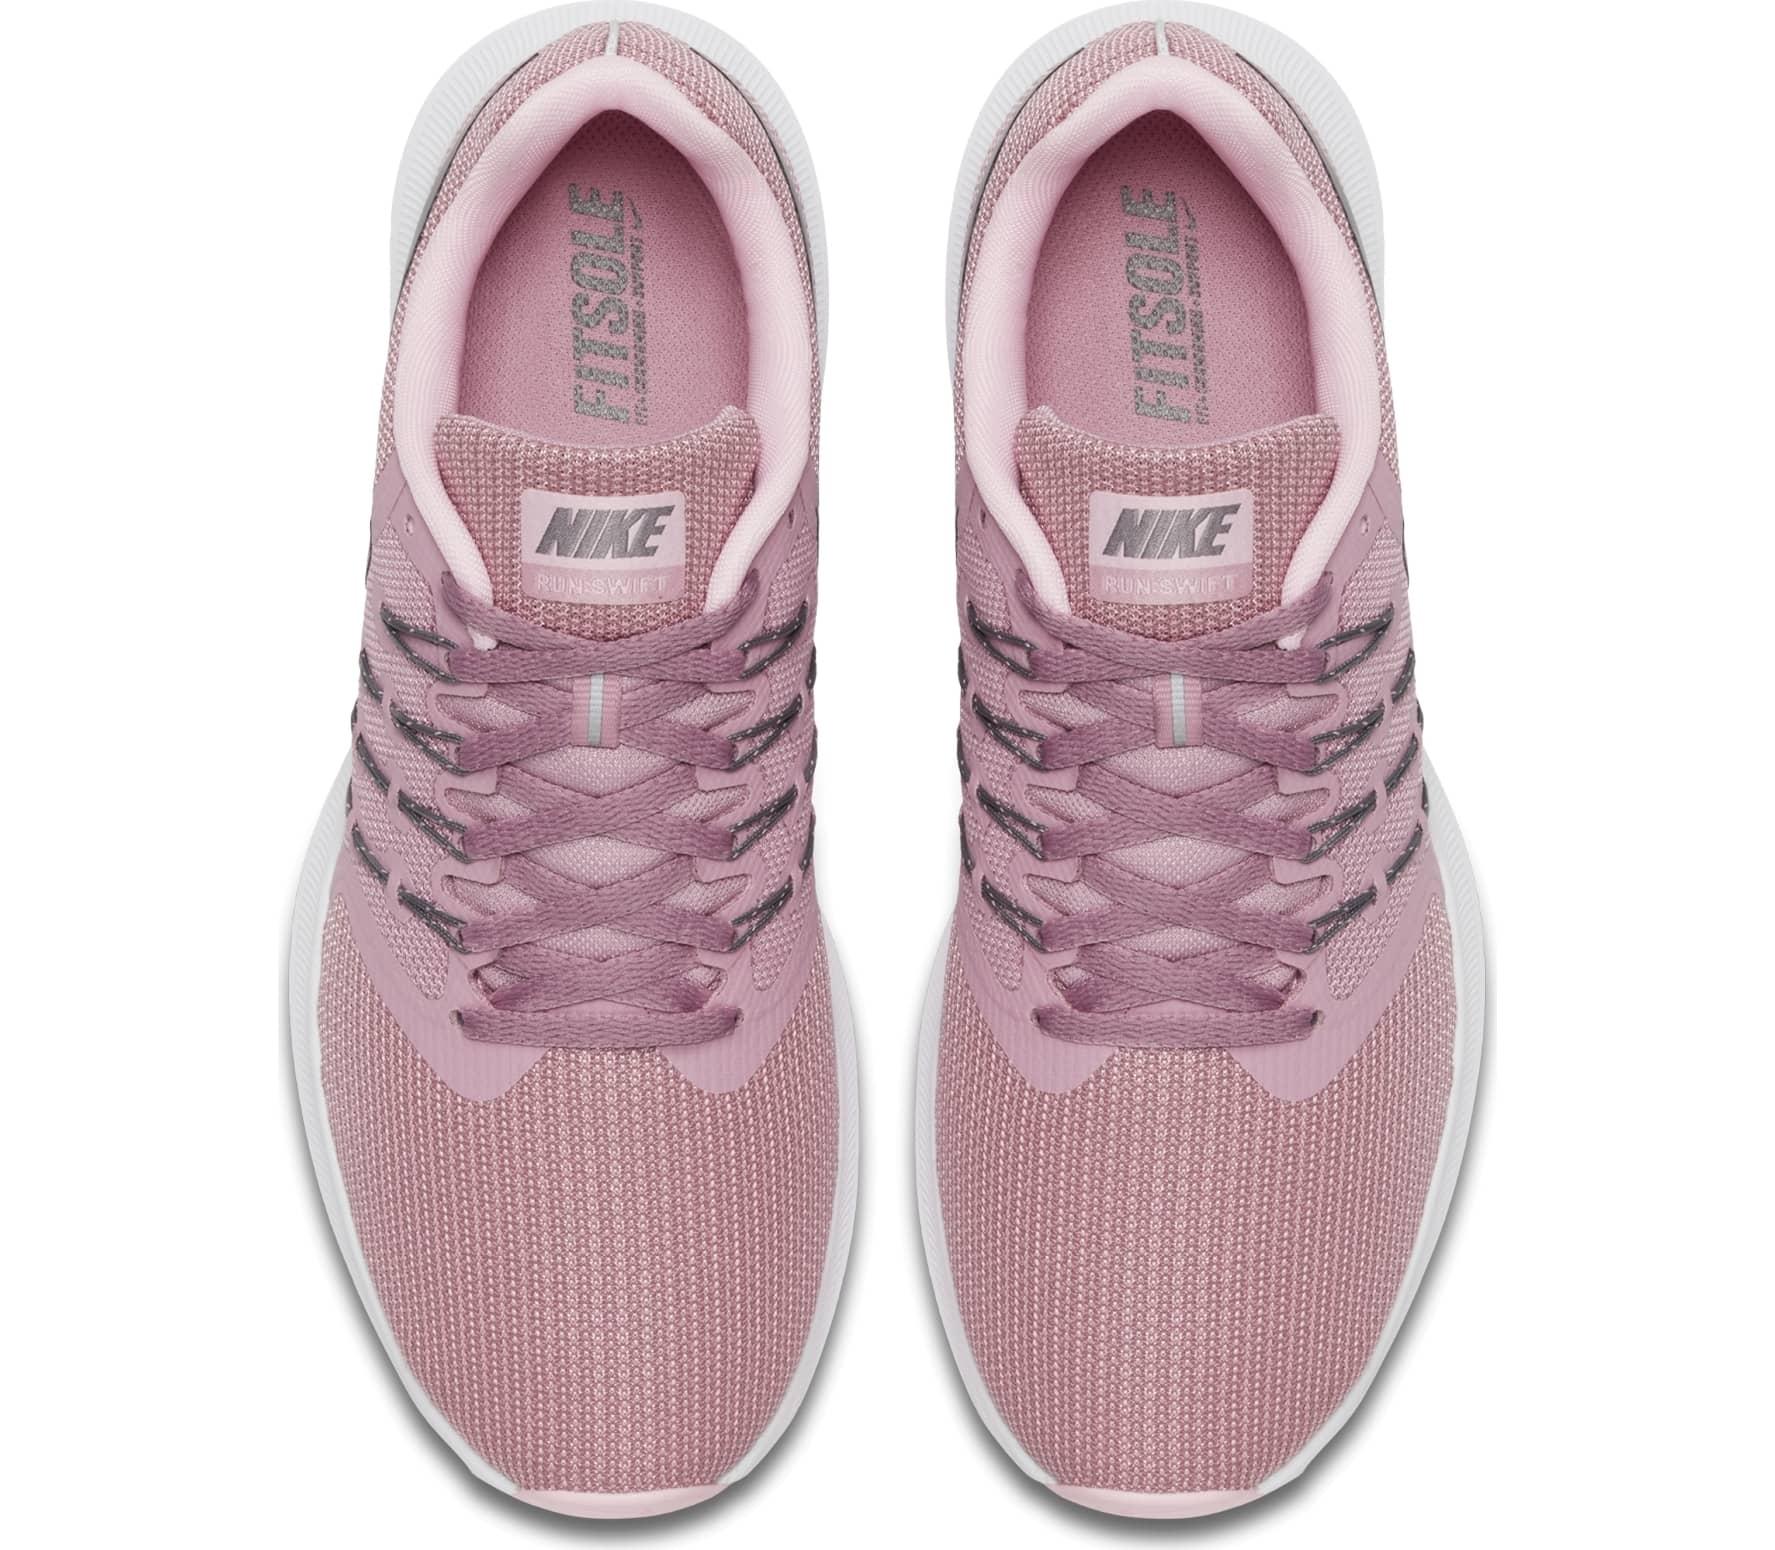 85afc2a1d1e Nike - Run Swift Dames Hardloopschoenen (roze/grijs) online kopen in ...